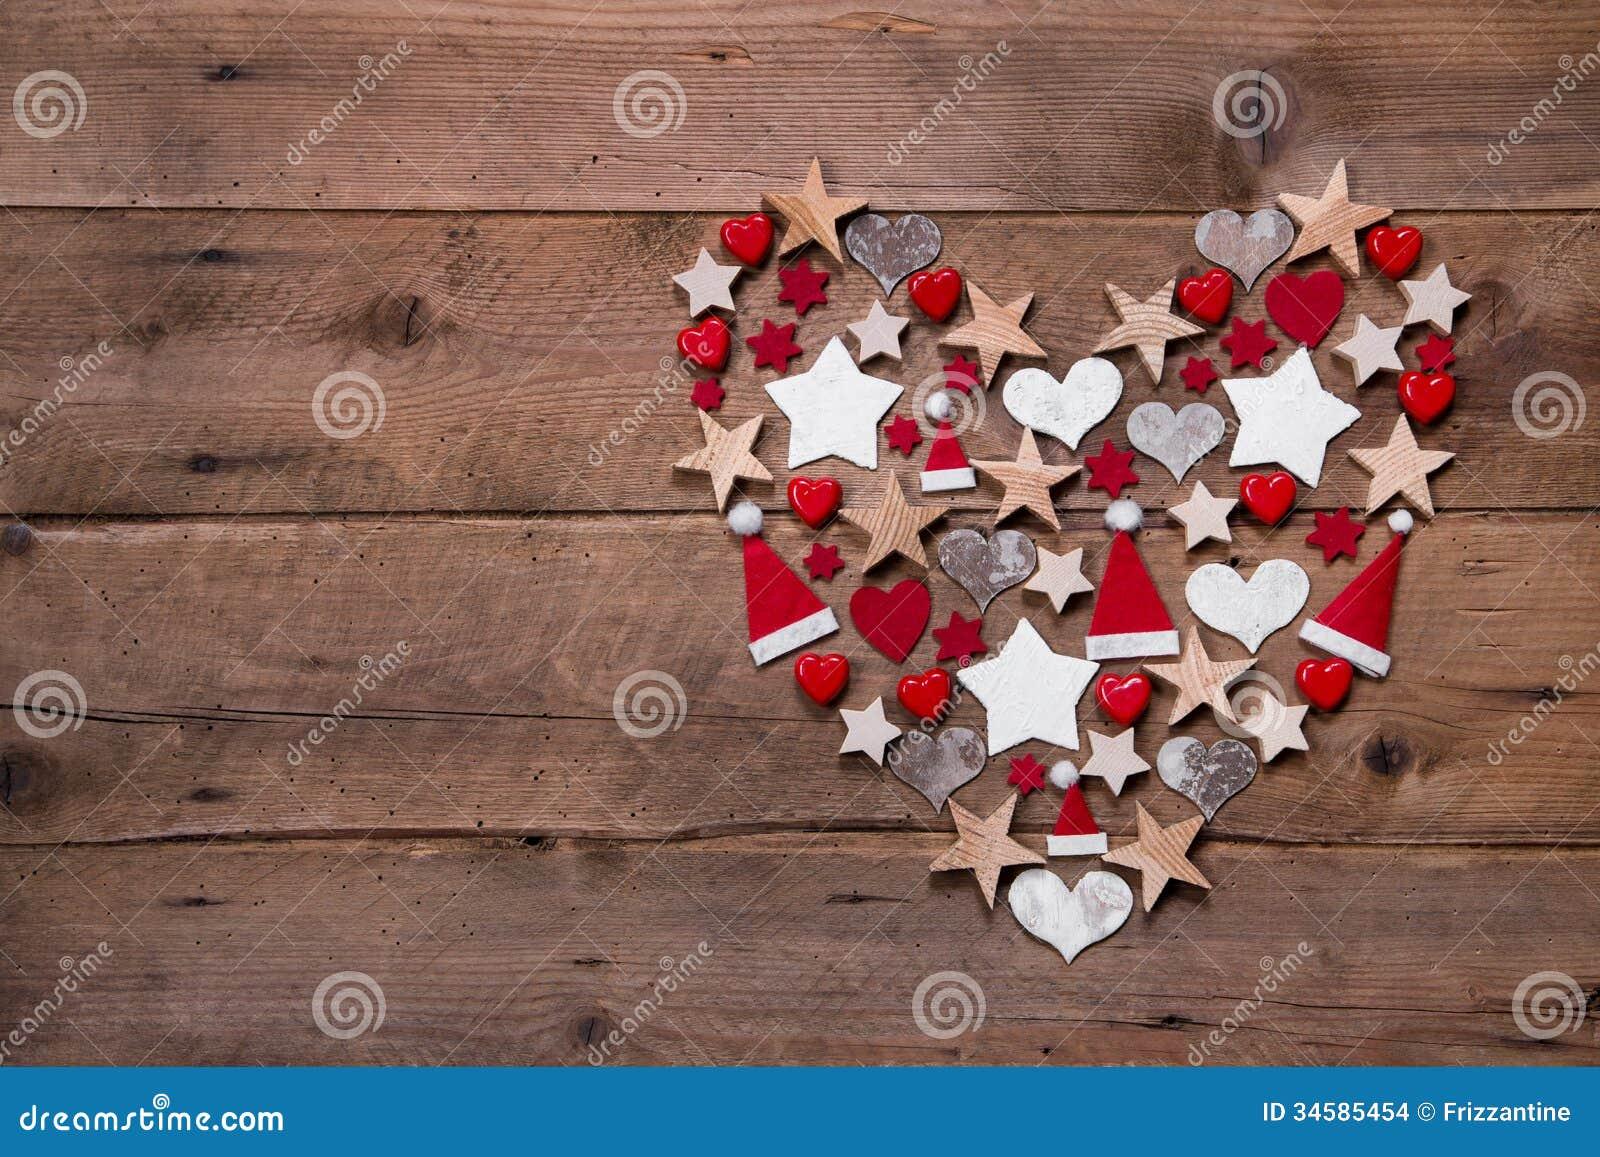 coeur de no l sur un fond en bois d coration en rouge et. Black Bedroom Furniture Sets. Home Design Ideas